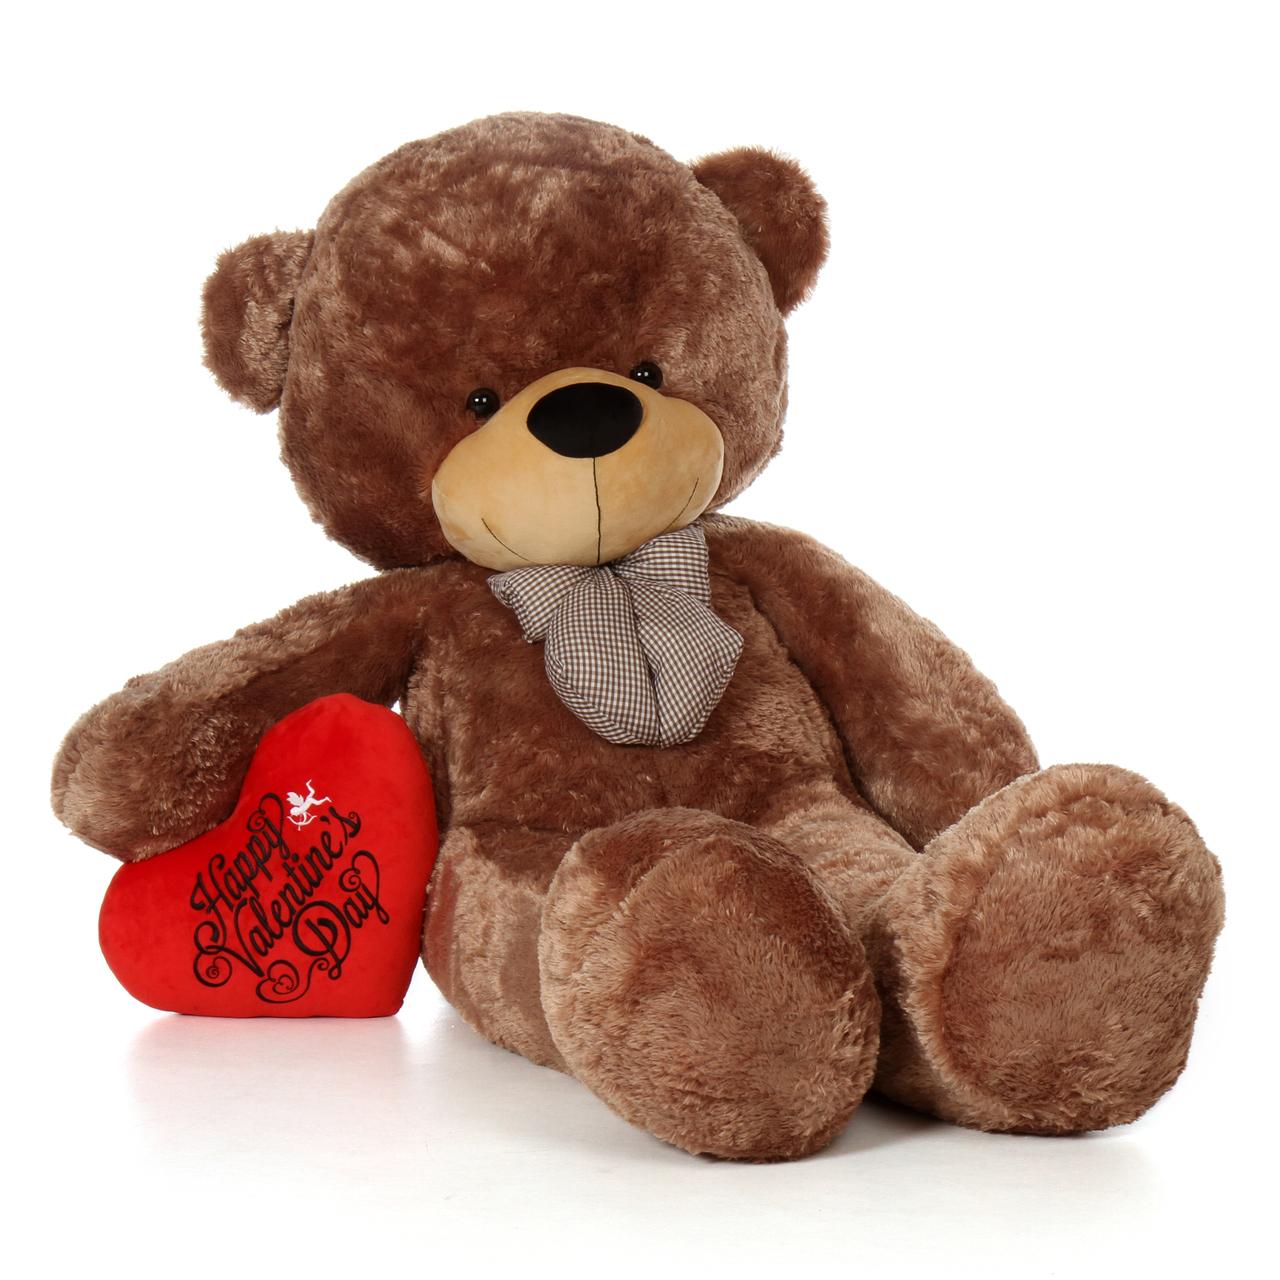 Cute Bear With Heart Pillow : Giant Teddy Bears Big Teddy Bears Giant Stuffed Animals GiantTeddy Blog